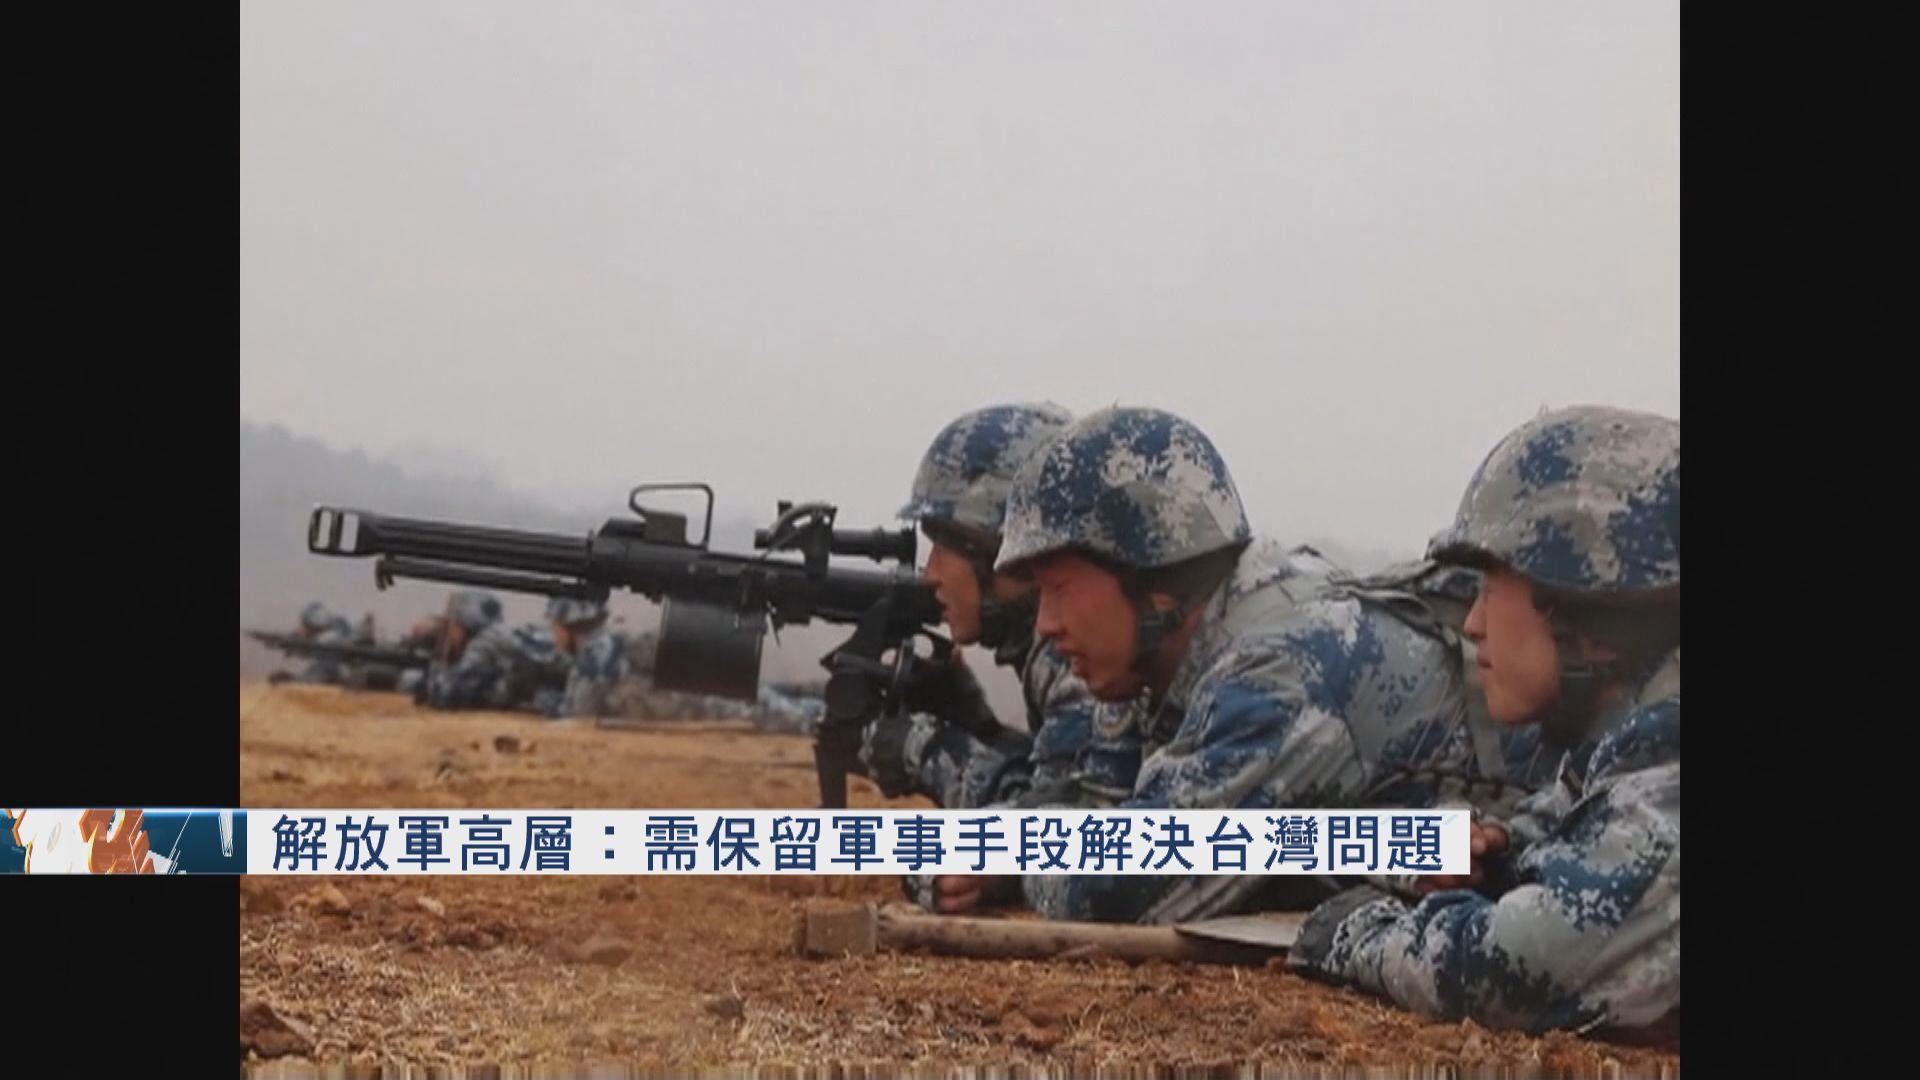 解放軍高層:需保留軍事手段解決台灣問題